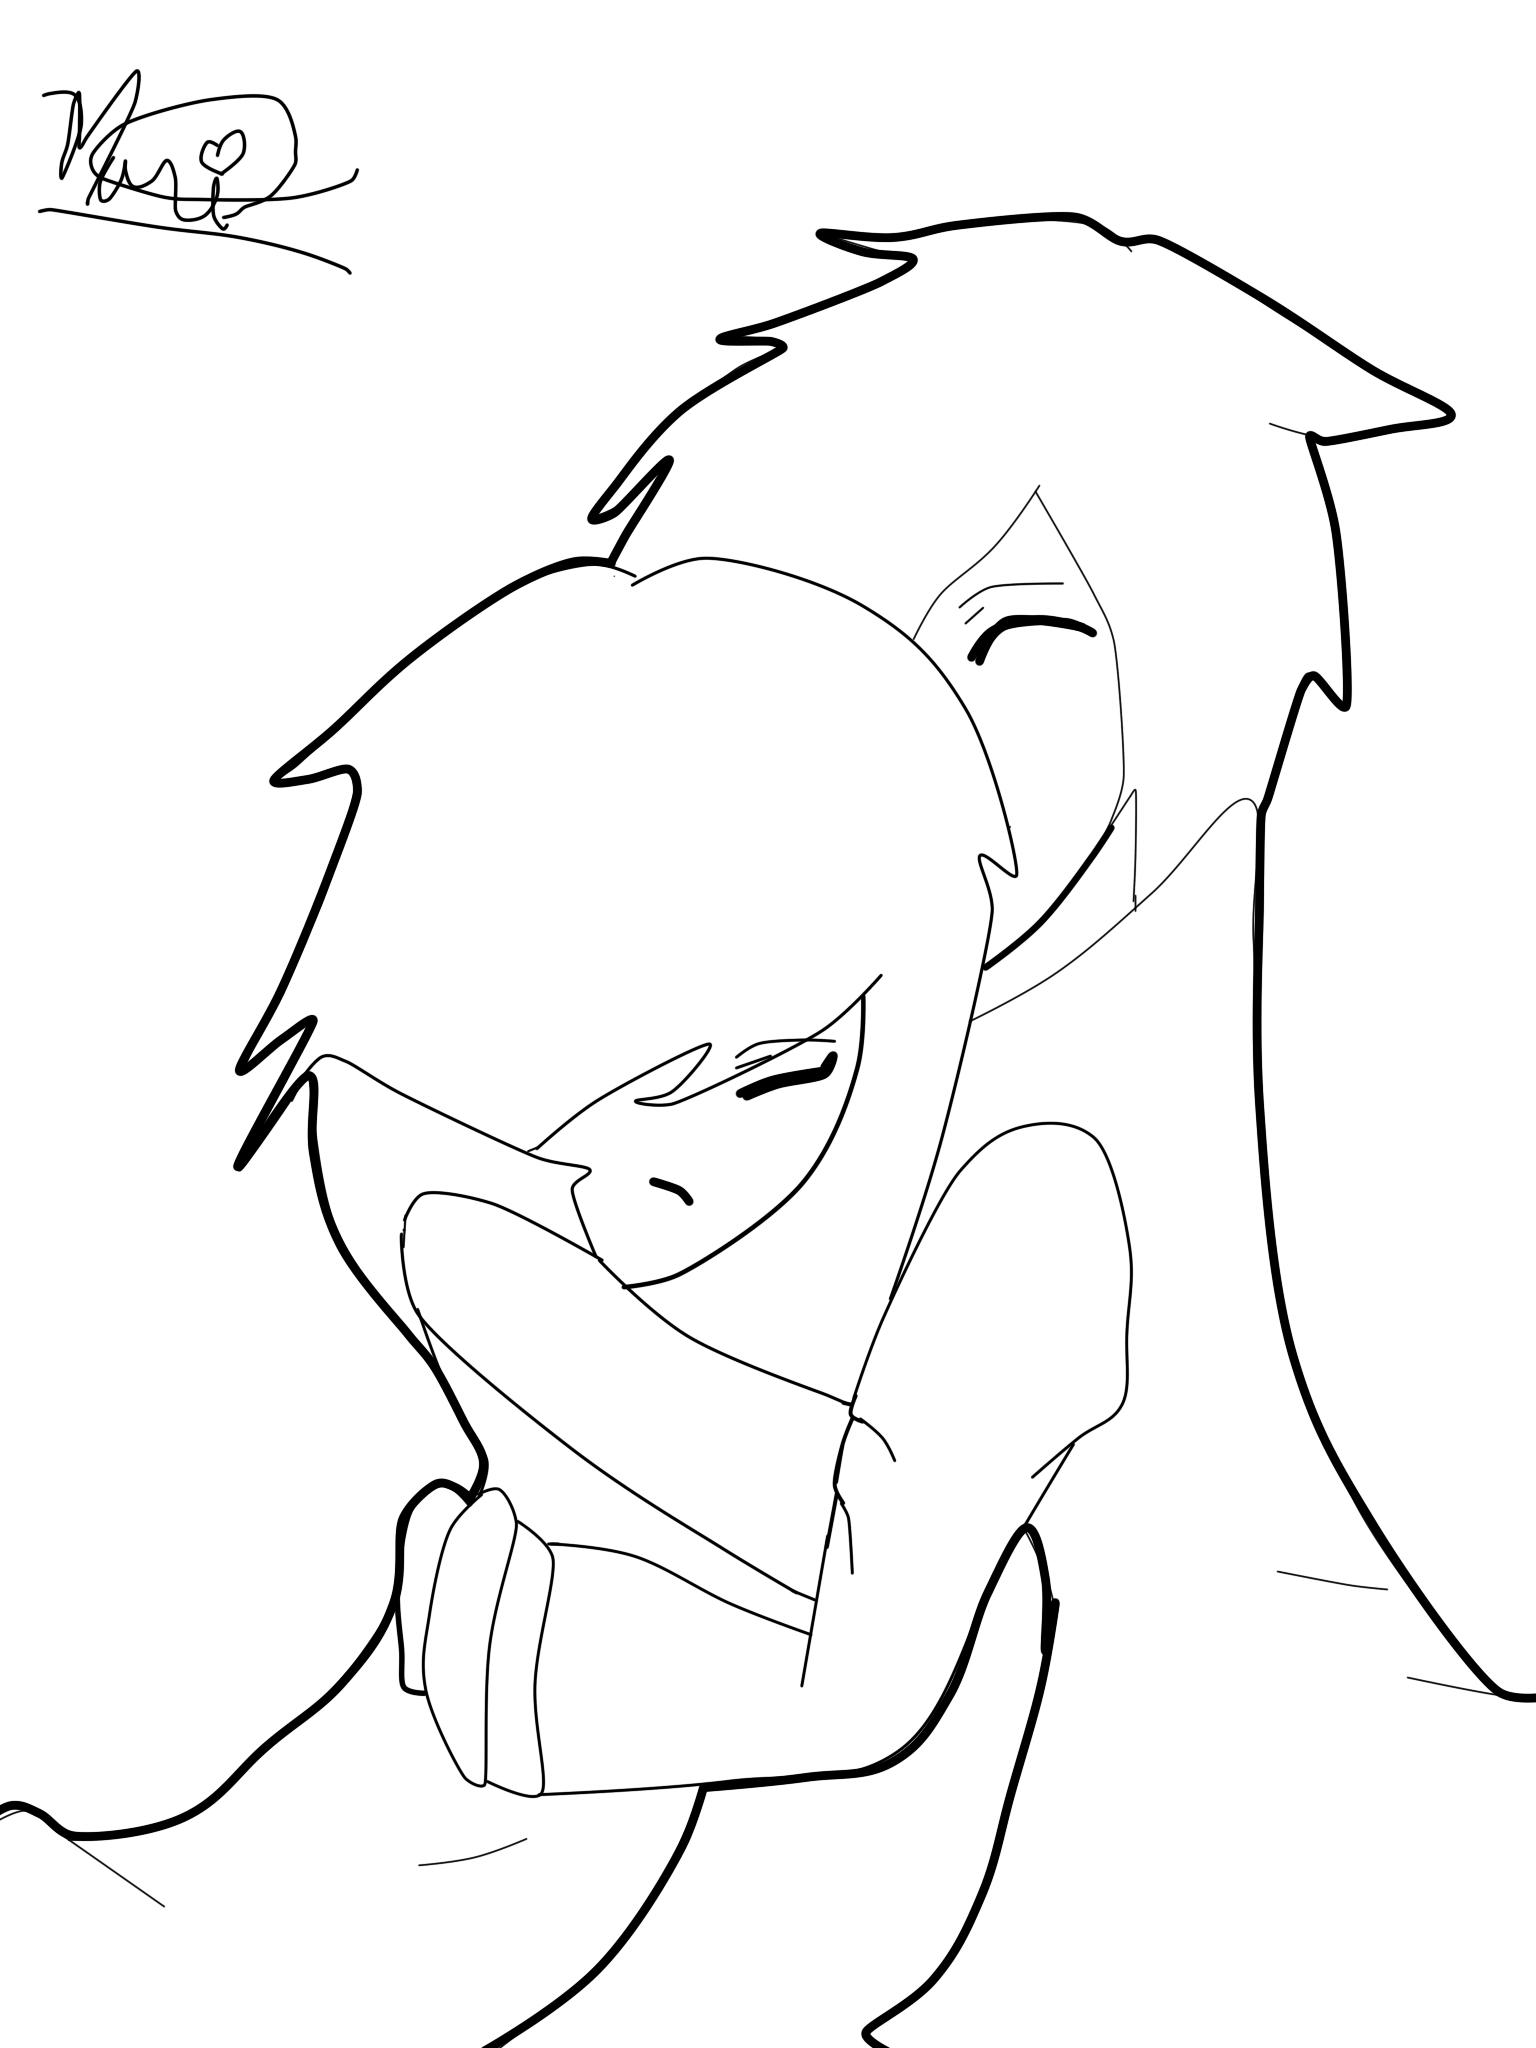 Cartoon People Hugging.